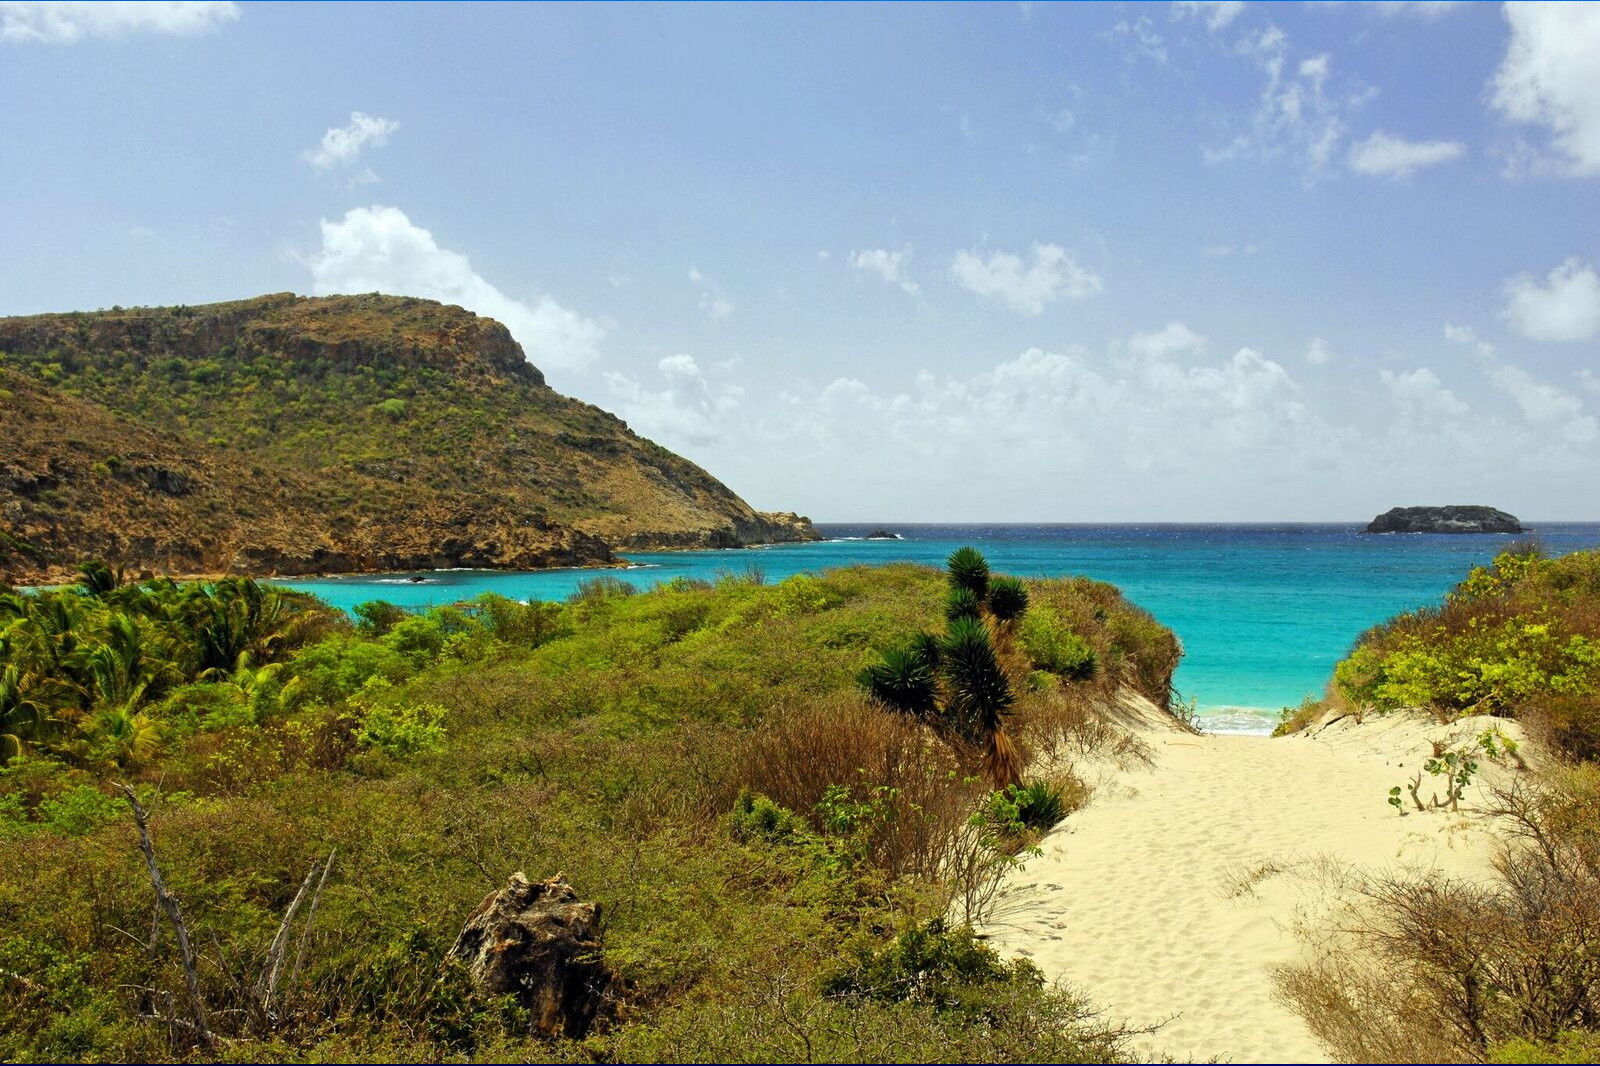 Des plages sauvages à Saint Barts